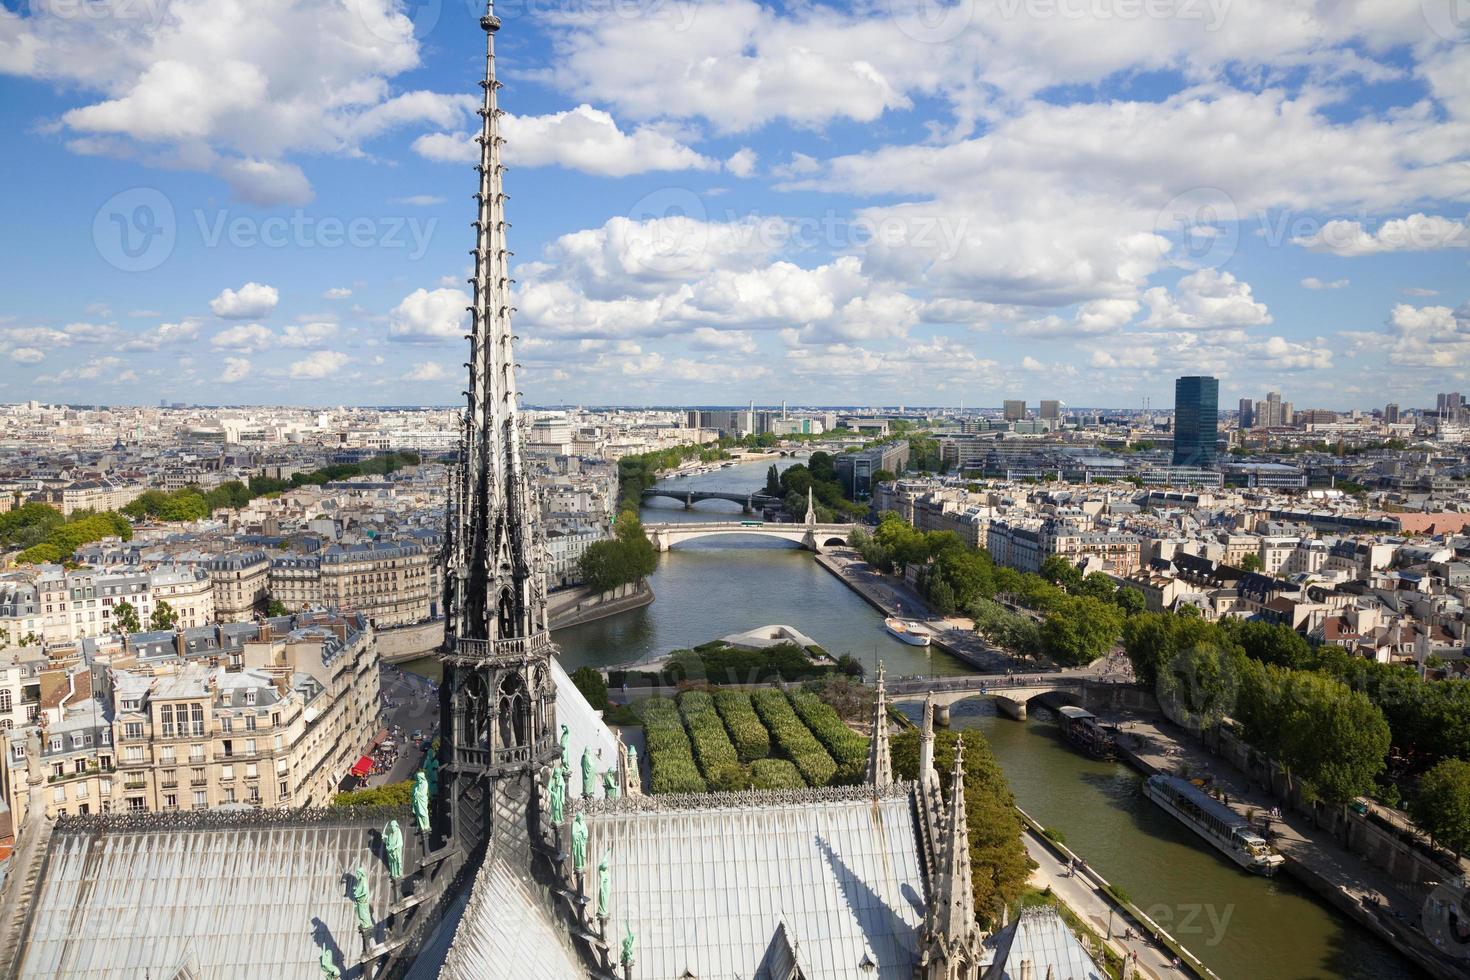 Der Turm von Notre Dame über der Skyline von Paris foto